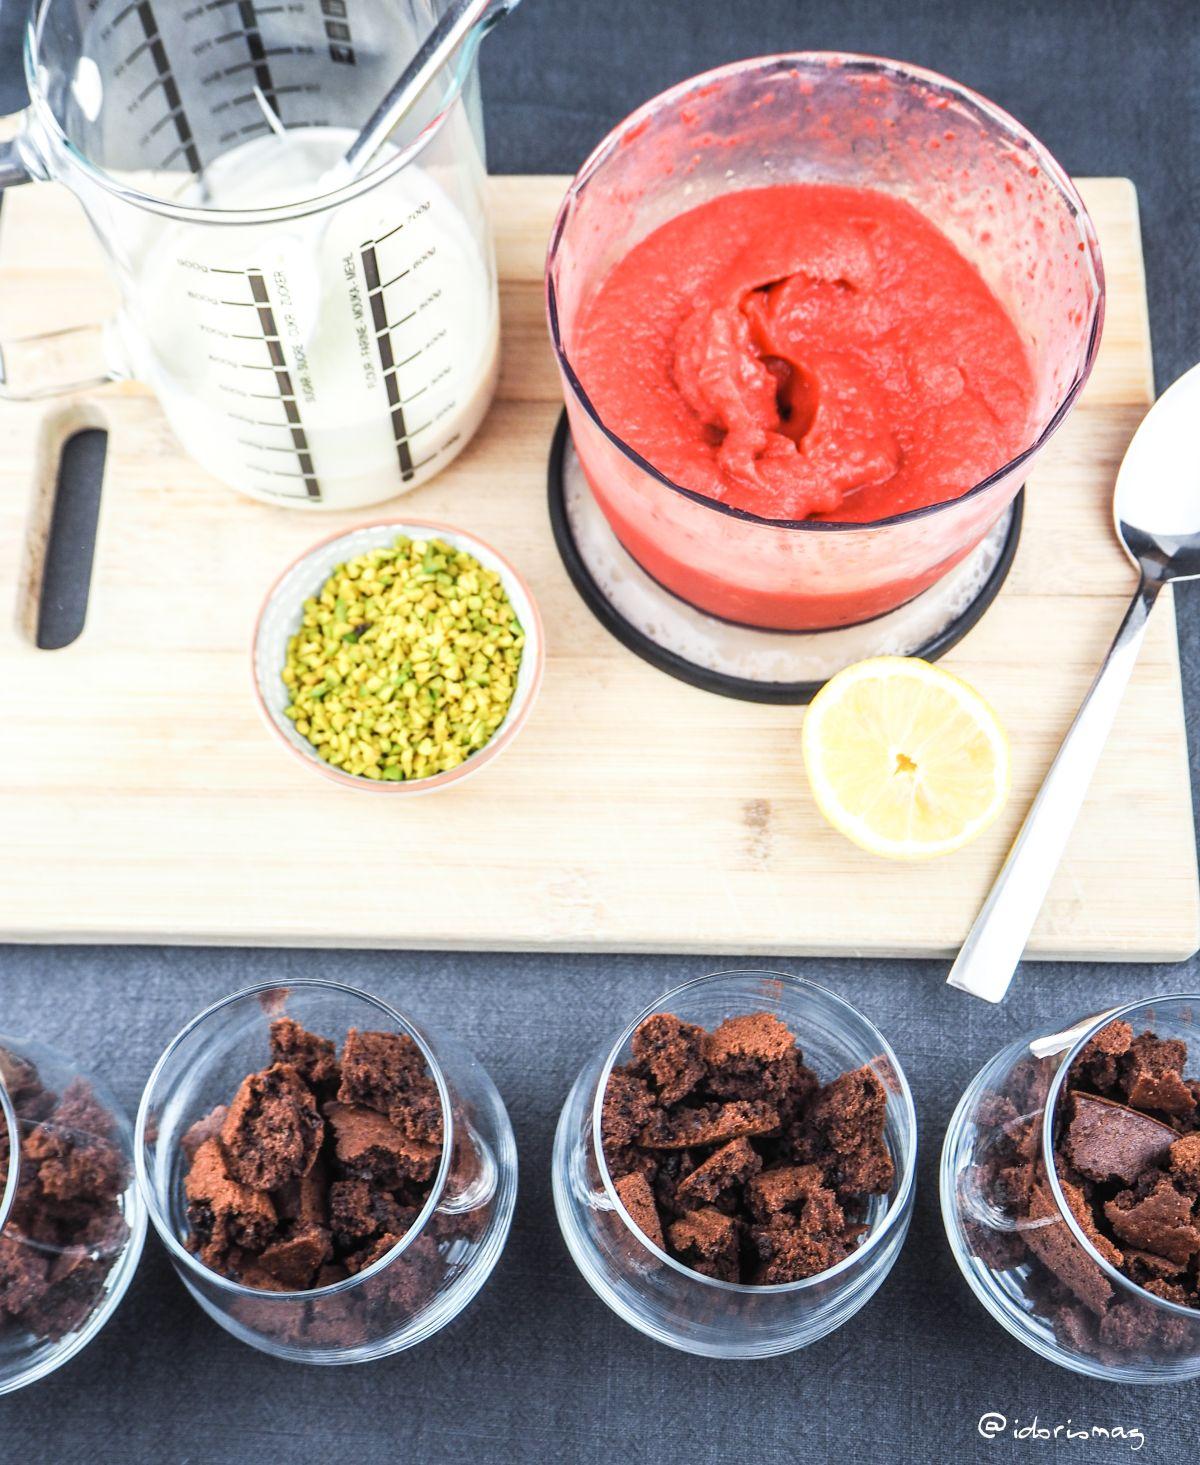 Veganes Schichtdessert im Glas - Schokoladeboden, Erdbeeren und Joghurt